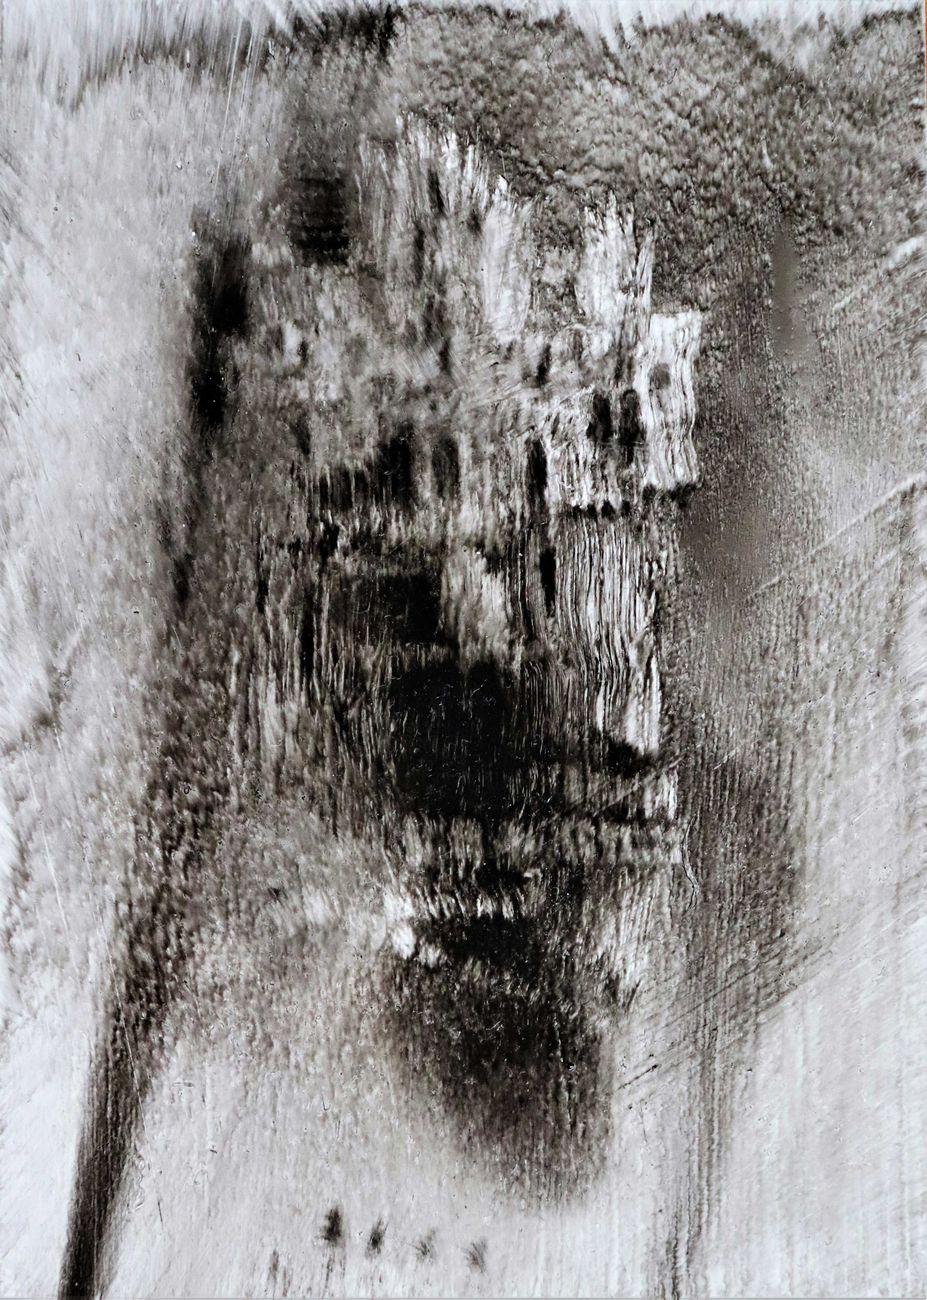 Andrea Chidichimo, senza titolo, fuliggine su lastra, 14x10 cm